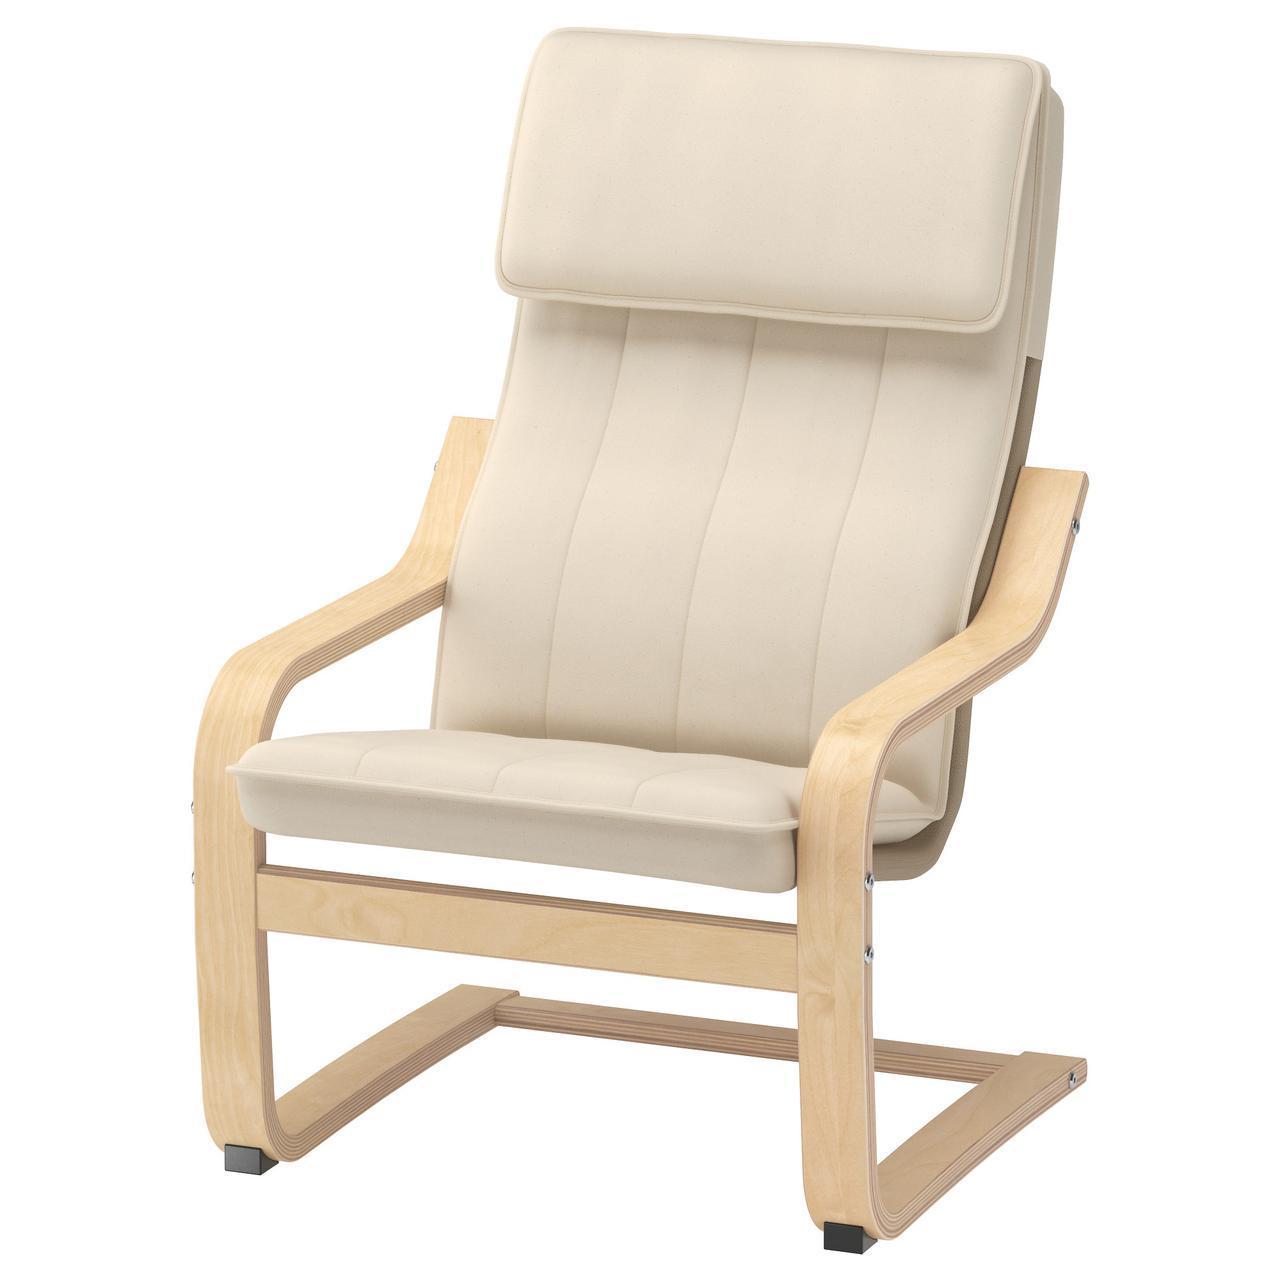 ✅ IKEA POANG (901.165.53) Детское сиденье, окл березки, натуральный Алмас